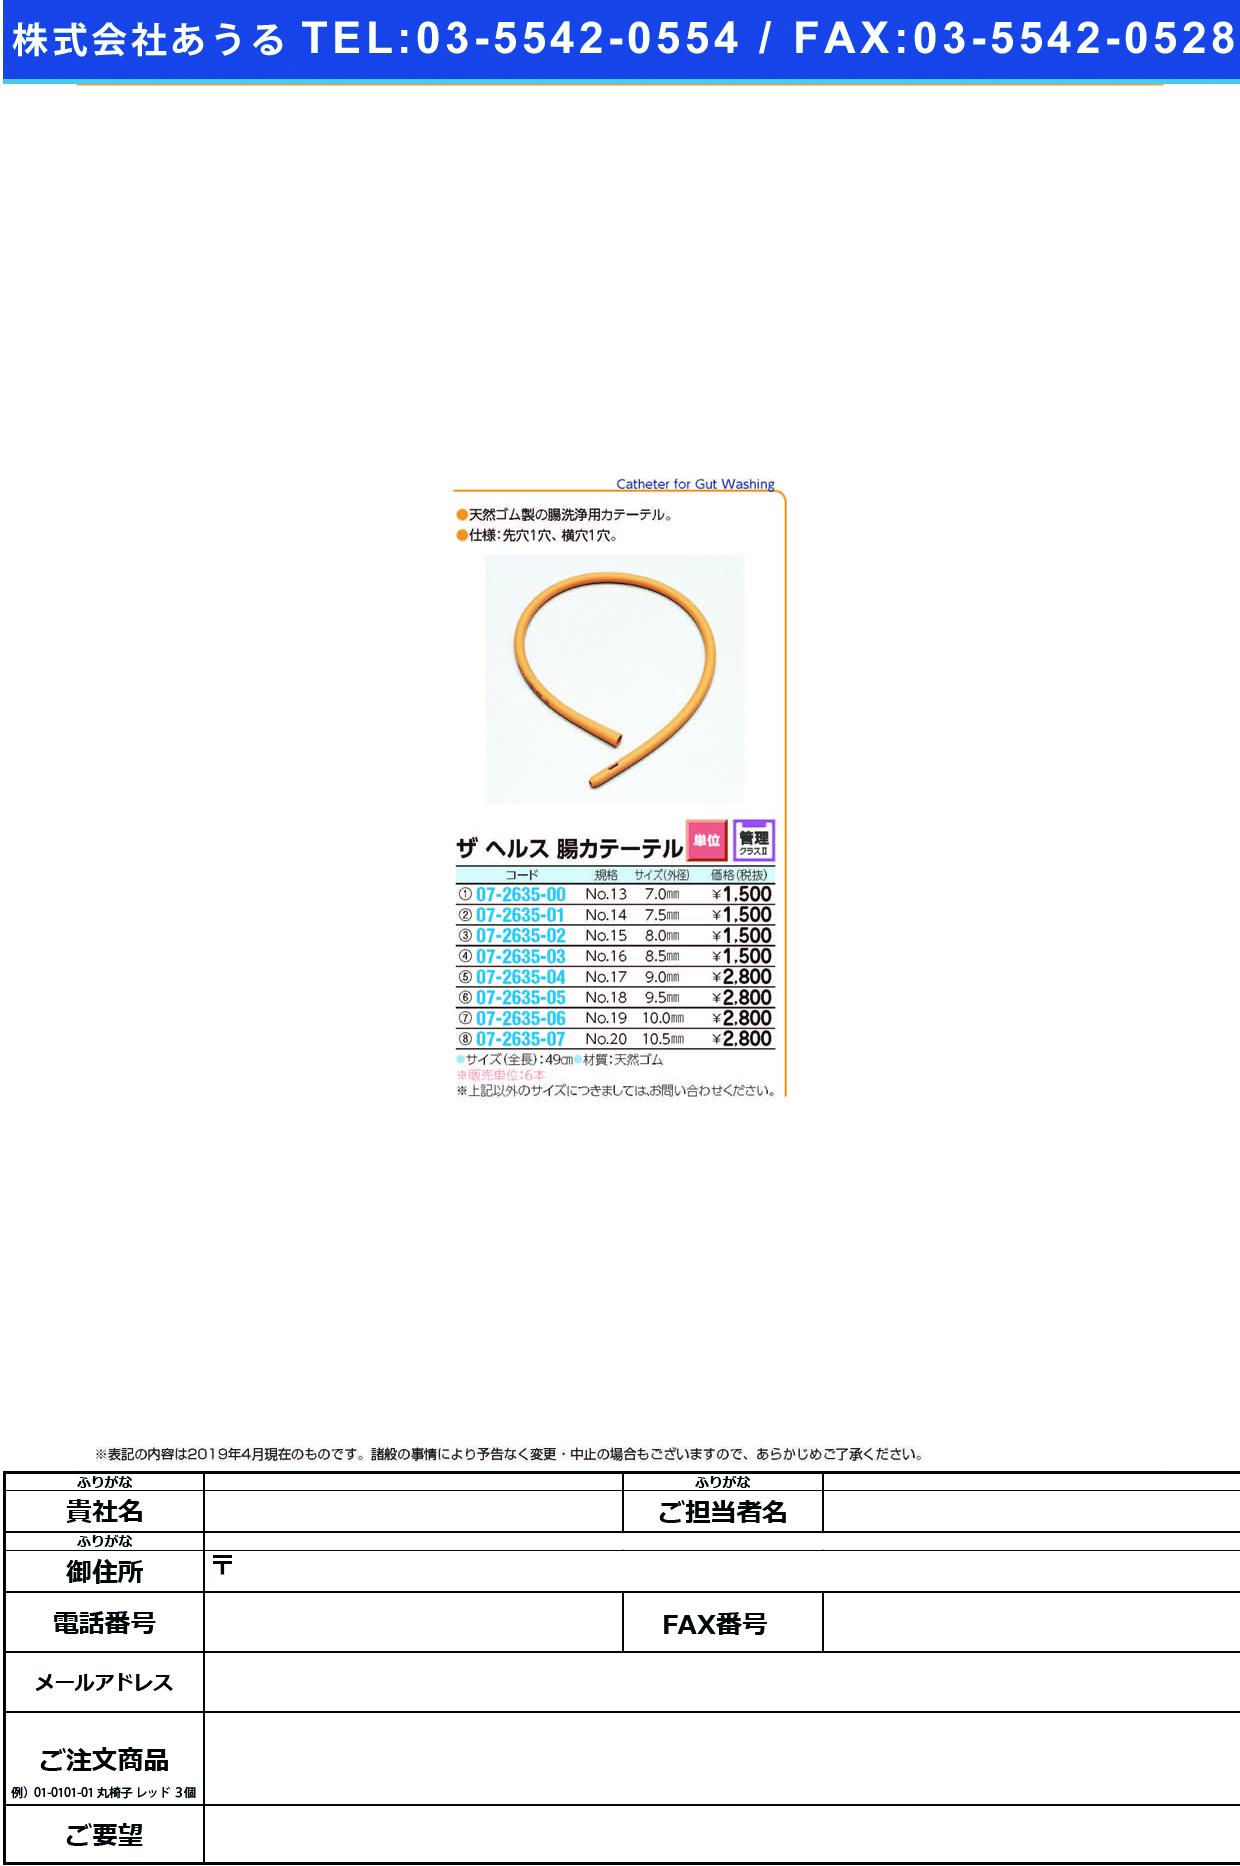 (07-2635-02)腸洗浄カテーテル NO.15 チョウセンジョウカテーテル(イズモヘルス)【6本単位】【2019年カタログ商品】